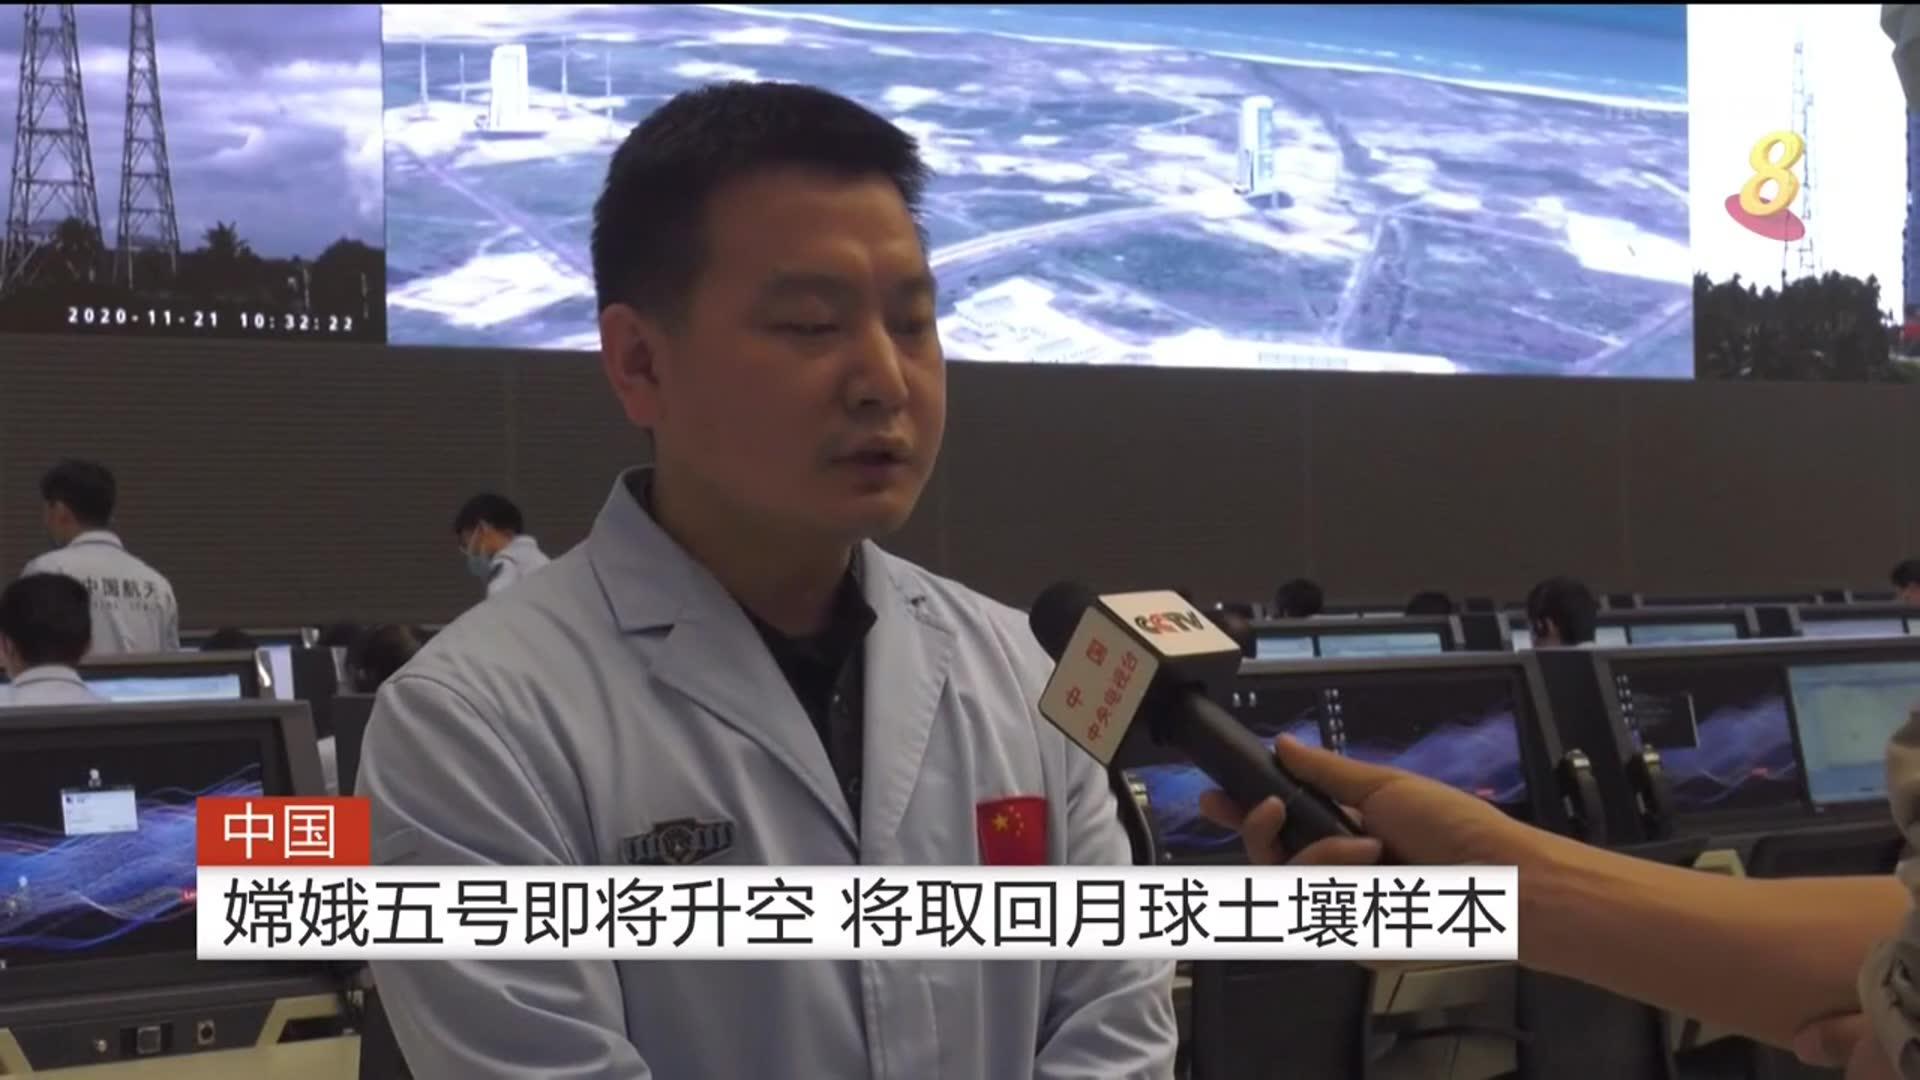 中国嫦娥五号即将升空 将取回月球土壤样本